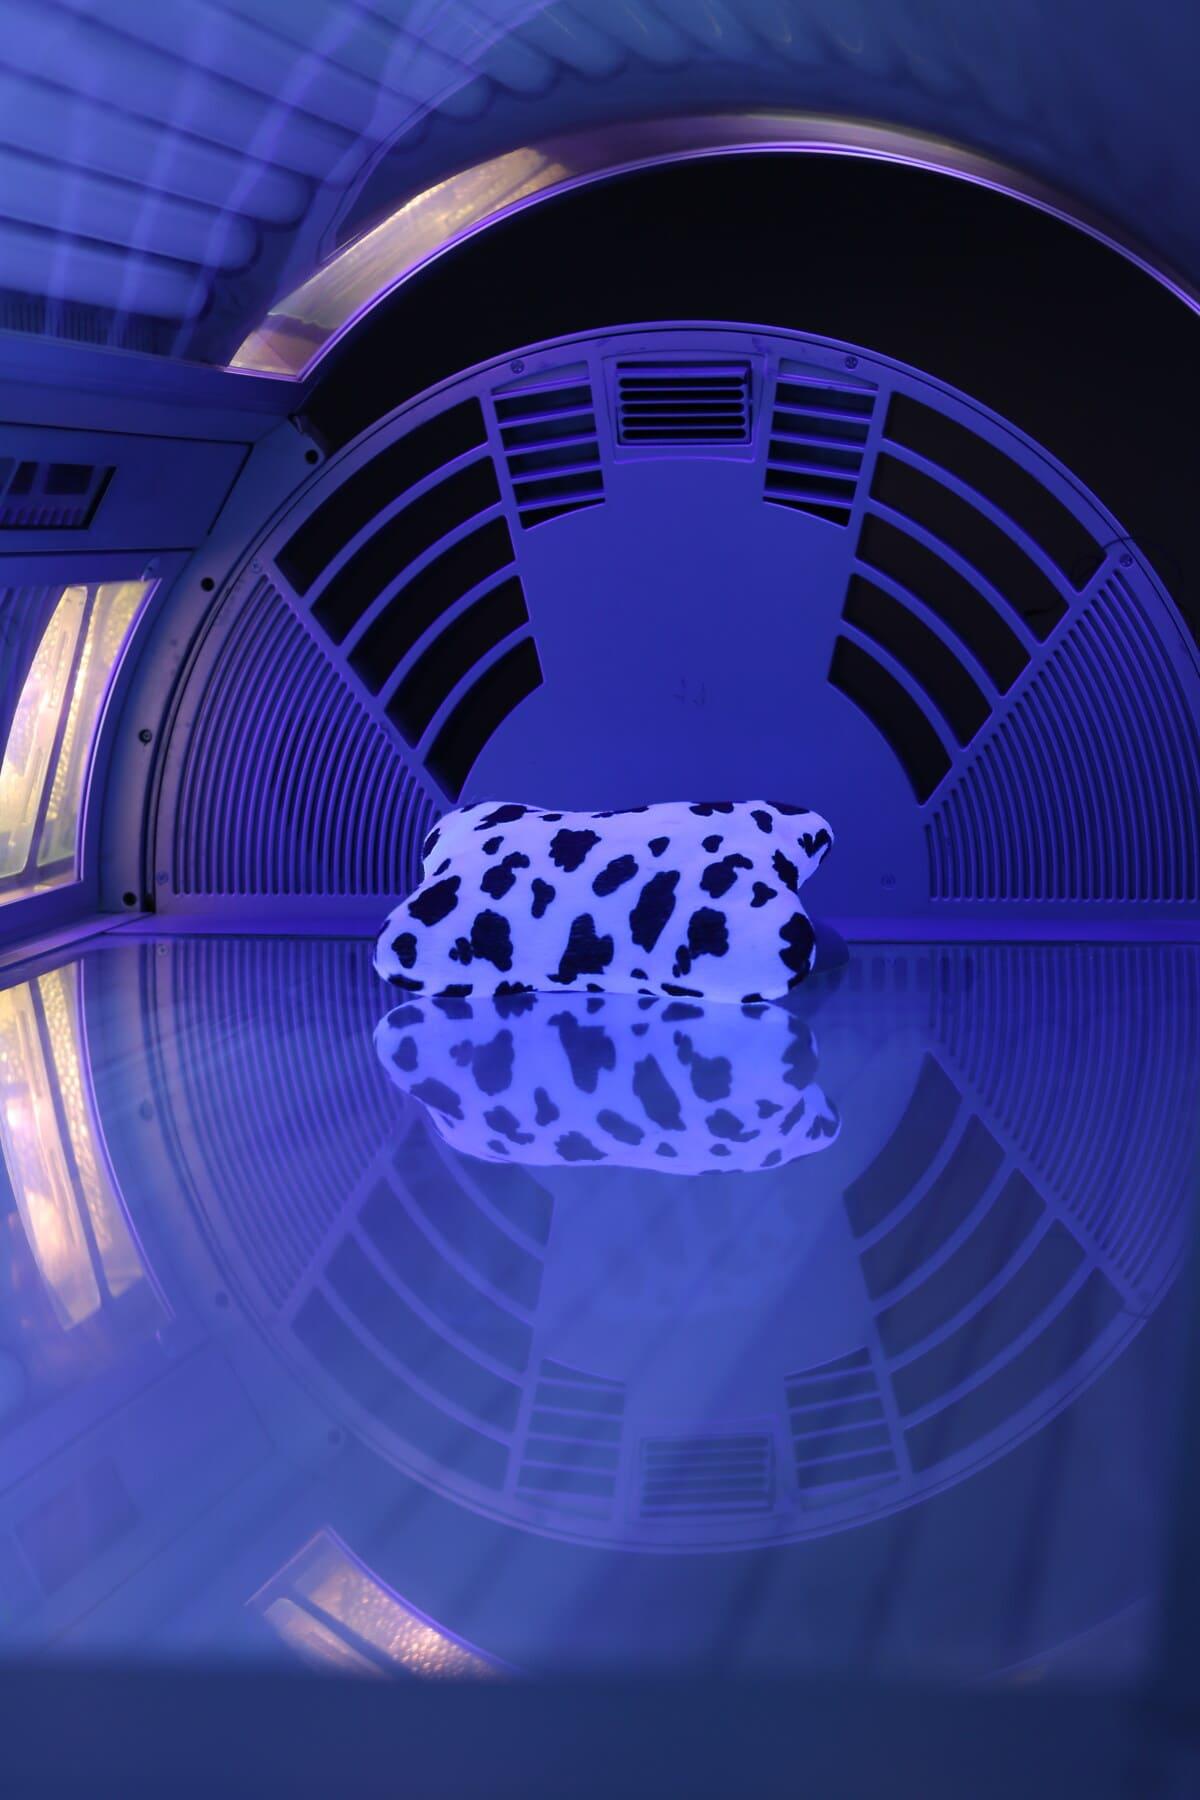 moderne, solarium, bed, licht, duisternis, kussen, gloeilamp, technologie, Futuristische, ontwerp